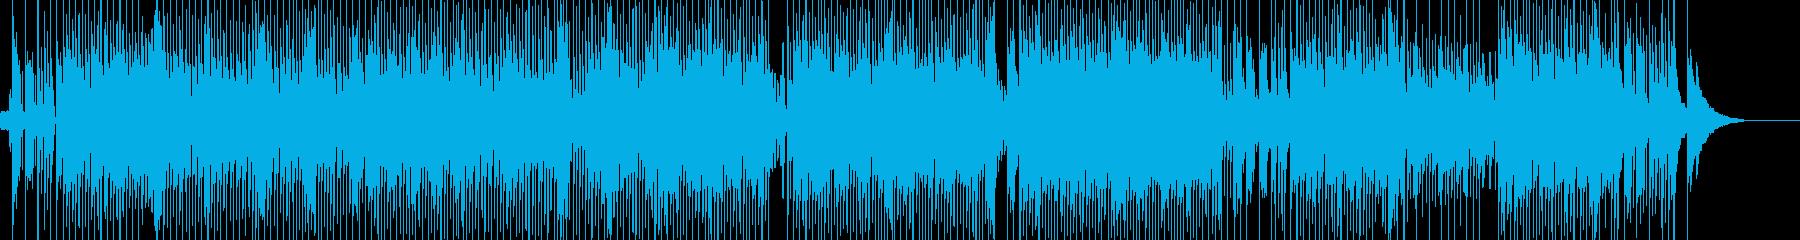 楽しく気分が弾むカントリー Dの再生済みの波形